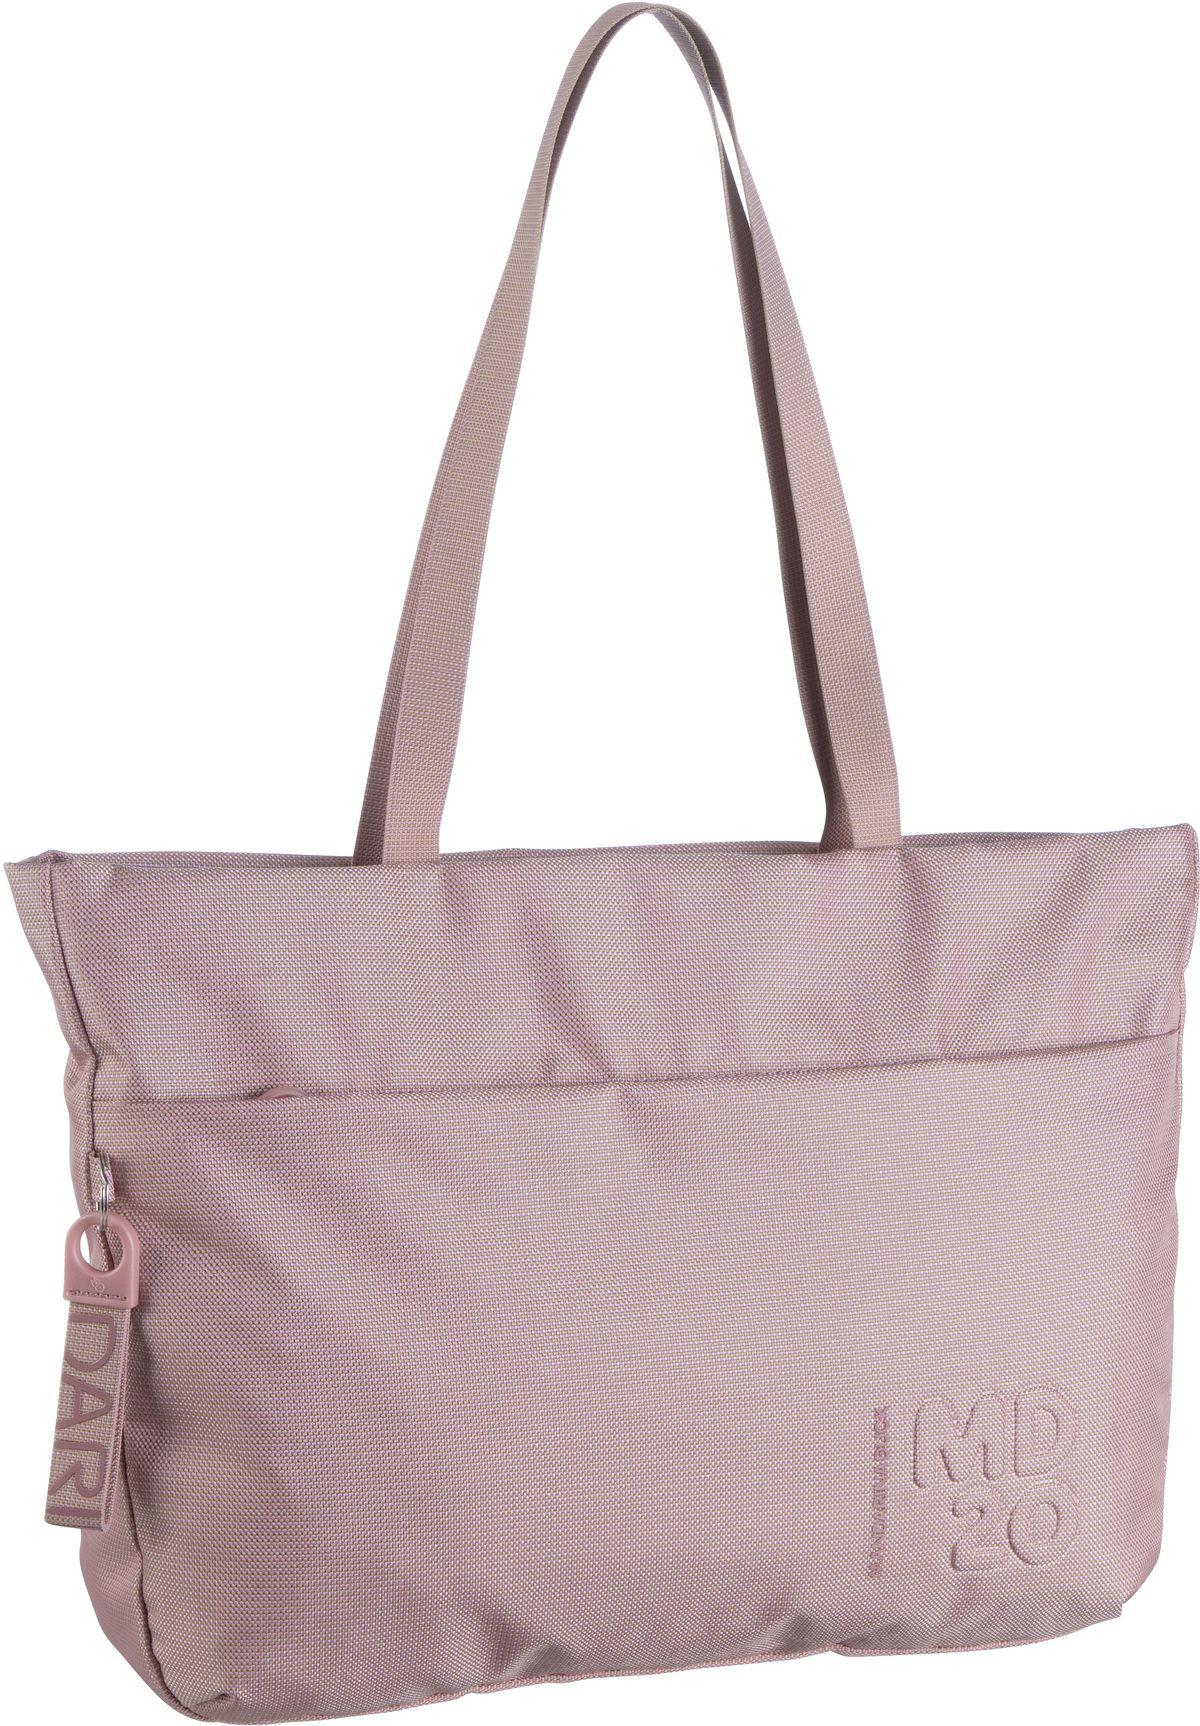 Handtasche MD20 Shoulder Bag QMT14 Pale Blush